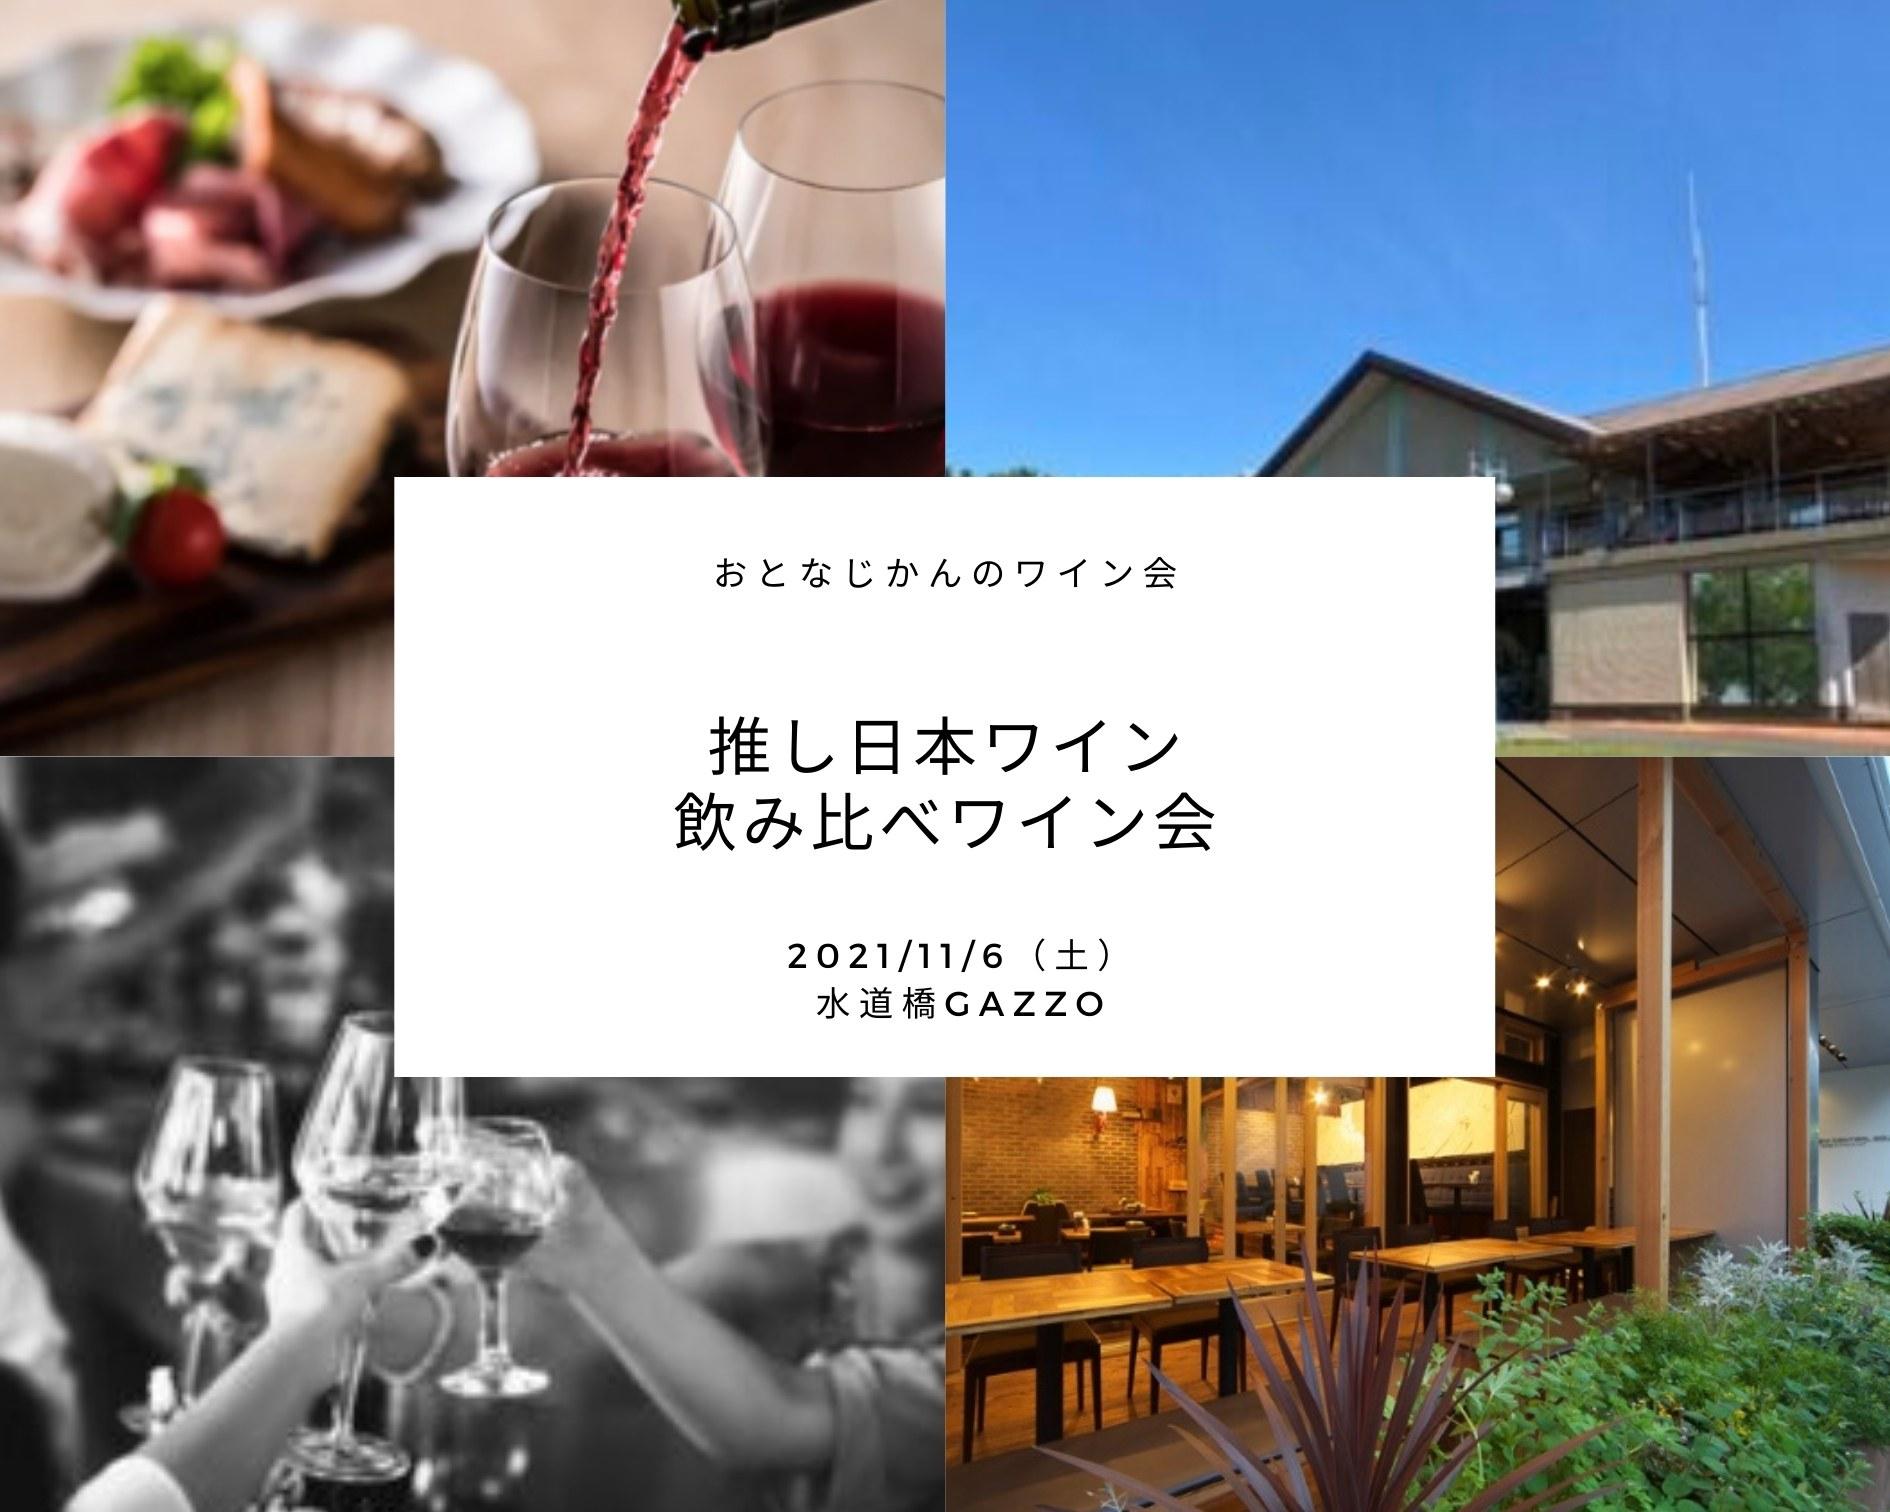 2021/11/6 おとなじかんのワイン会